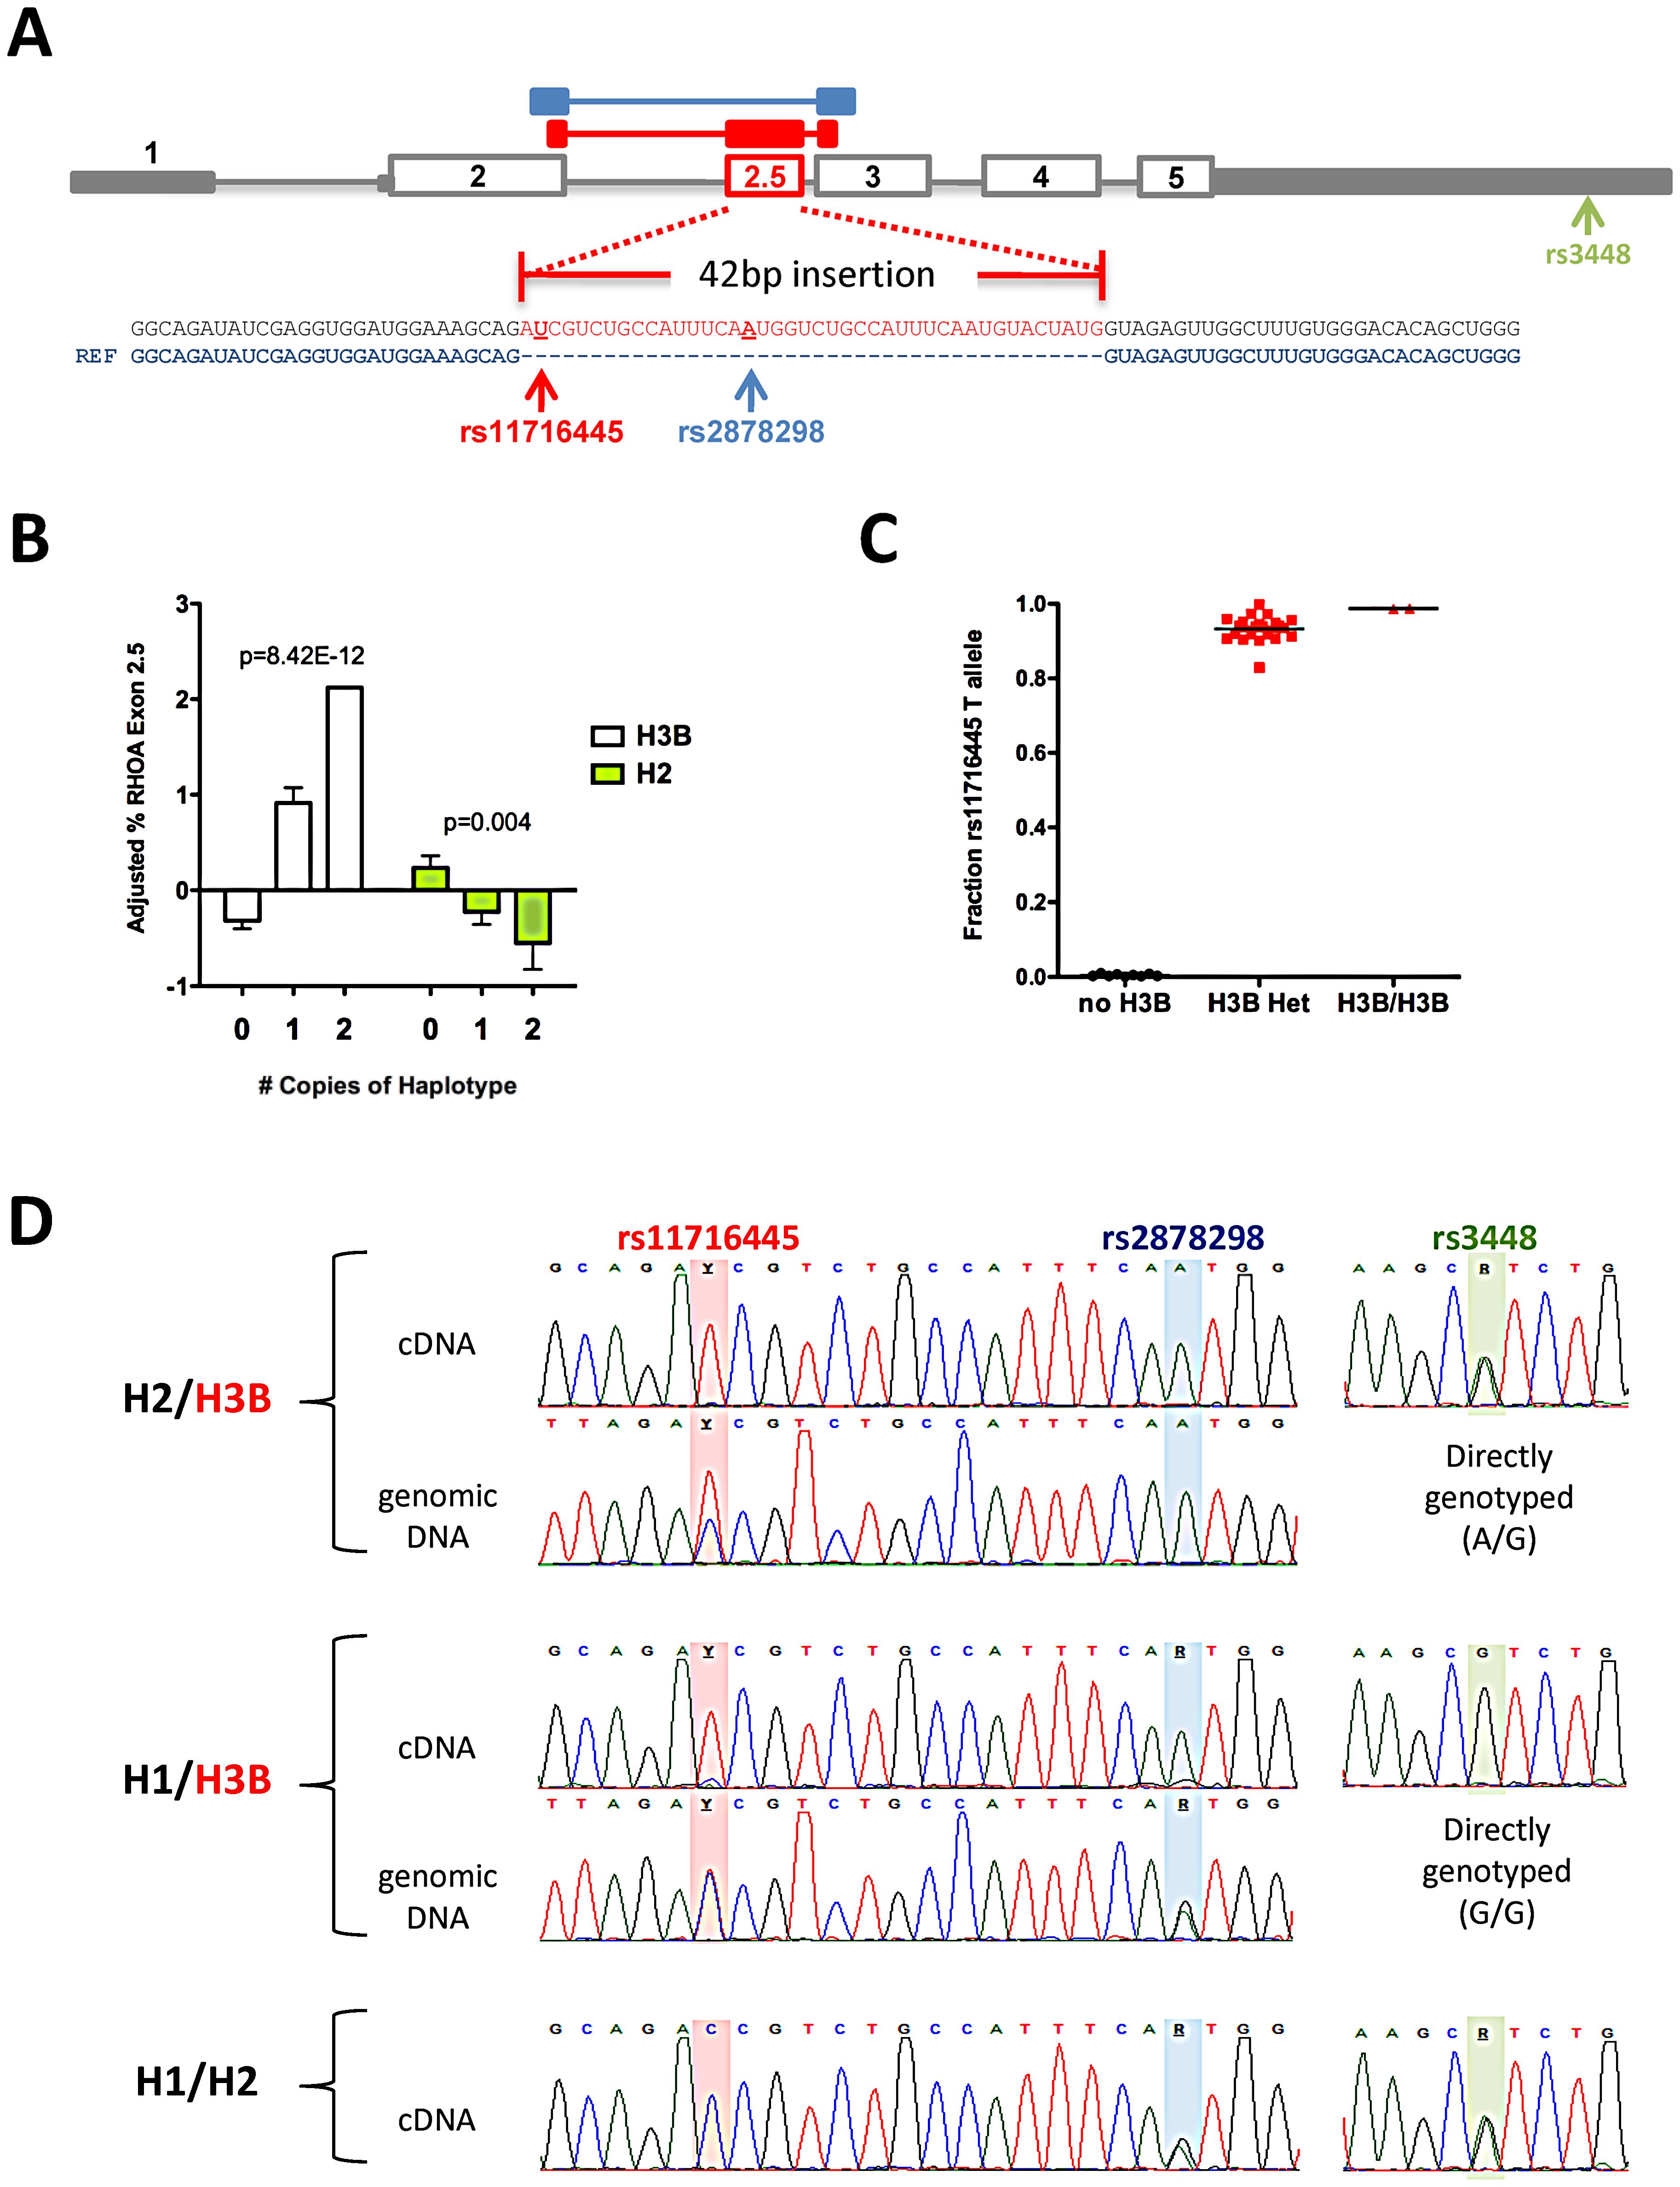 Association between <i>RHOA</i> haplotypes and expression of <i>RHOA</i> exon 2.5.